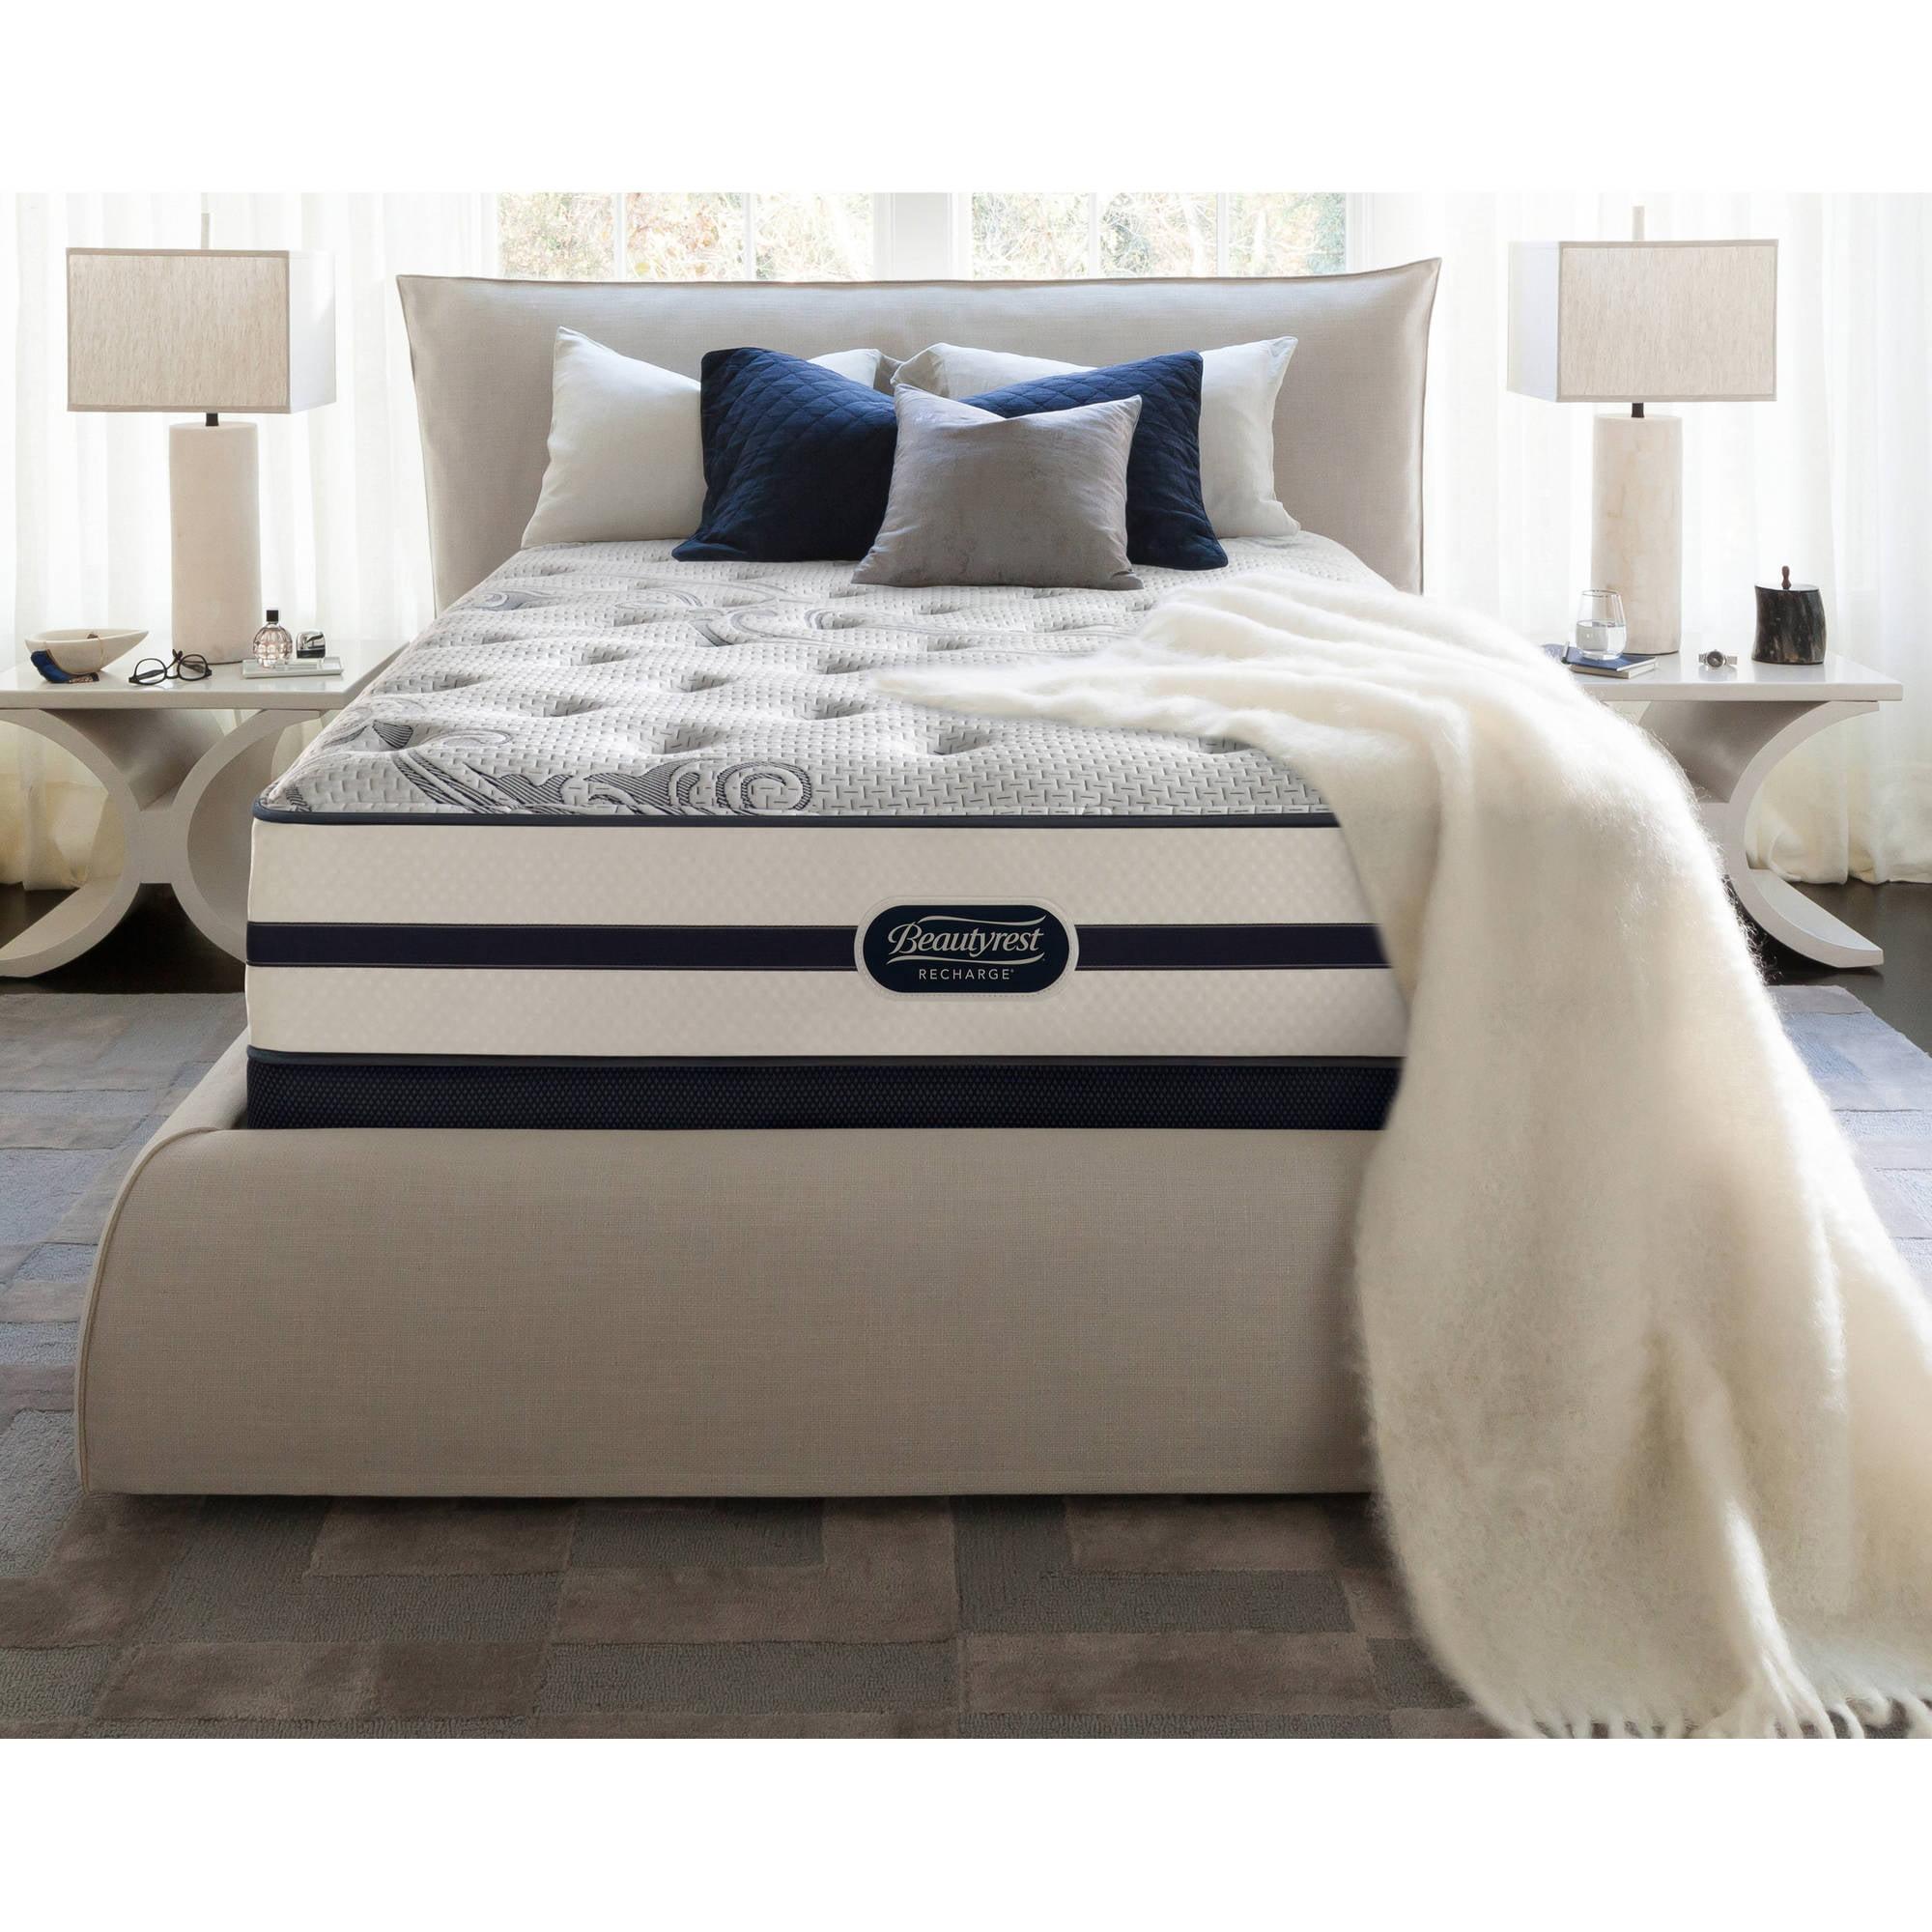 reviews simmons shakespeare beautyrest luxury template review collection matt recharge mattress pillowtop firm